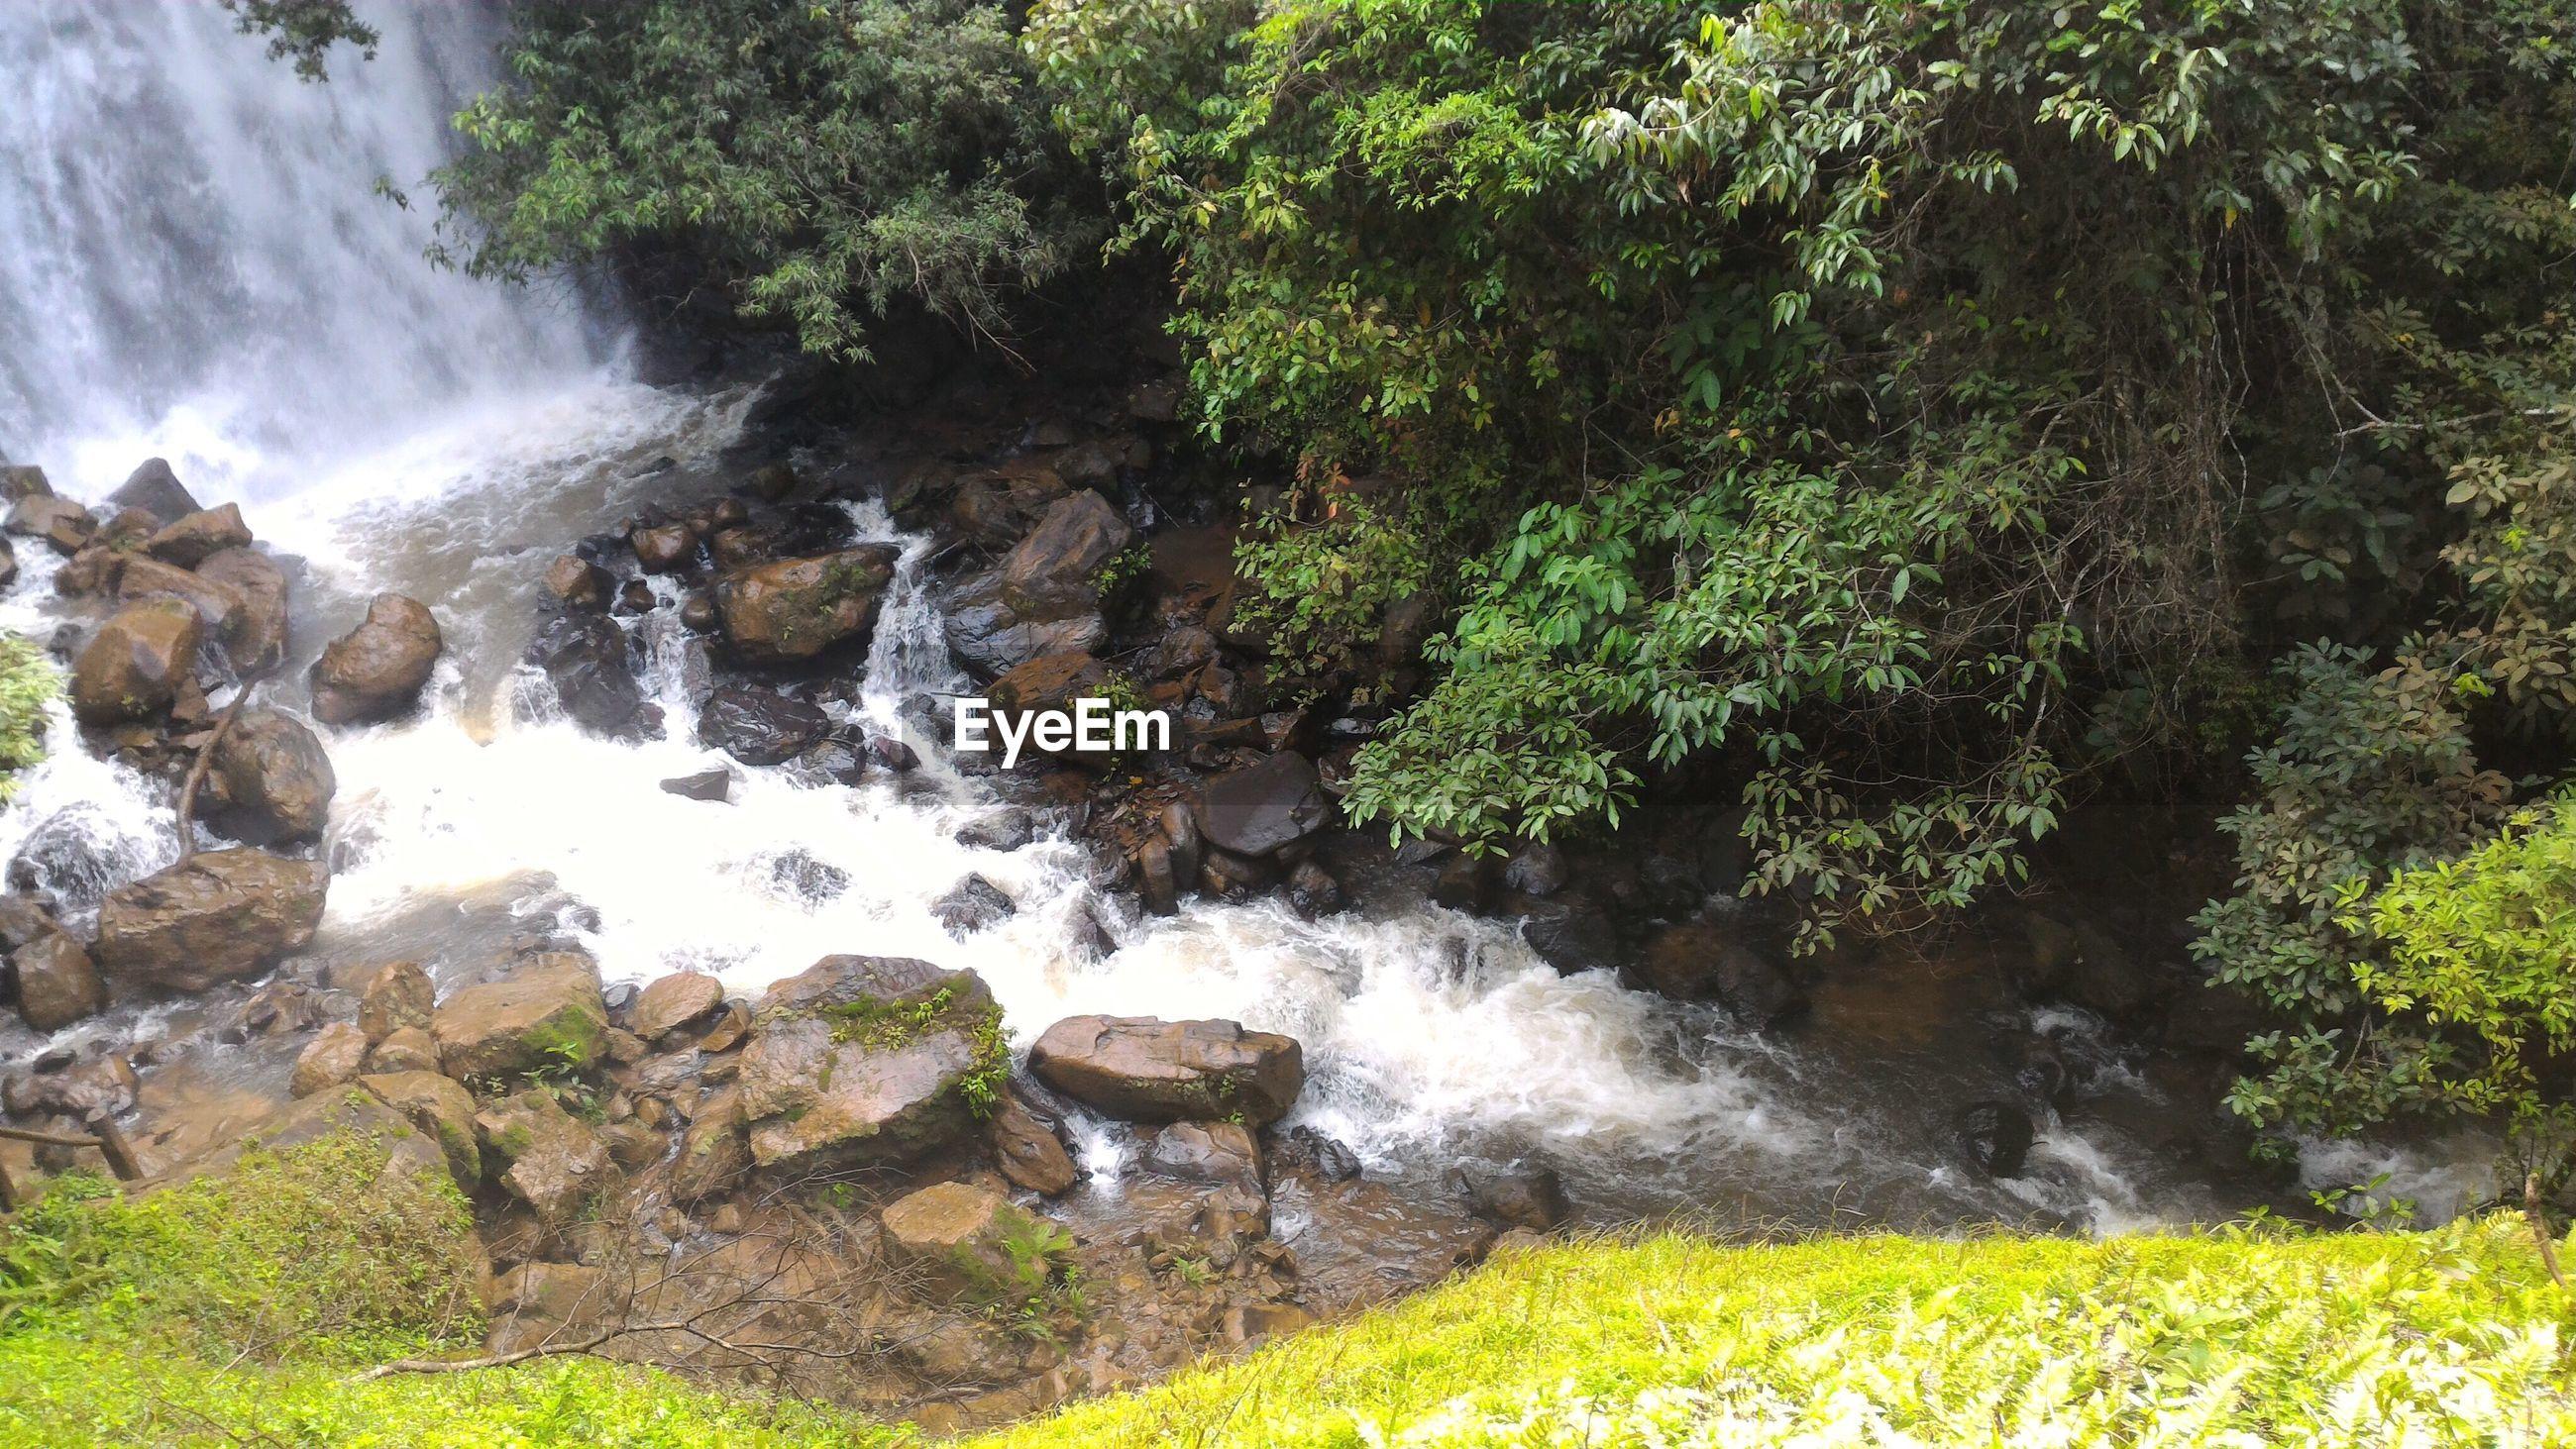 WATER FLOWING THROUGH ROCKS IN PARK